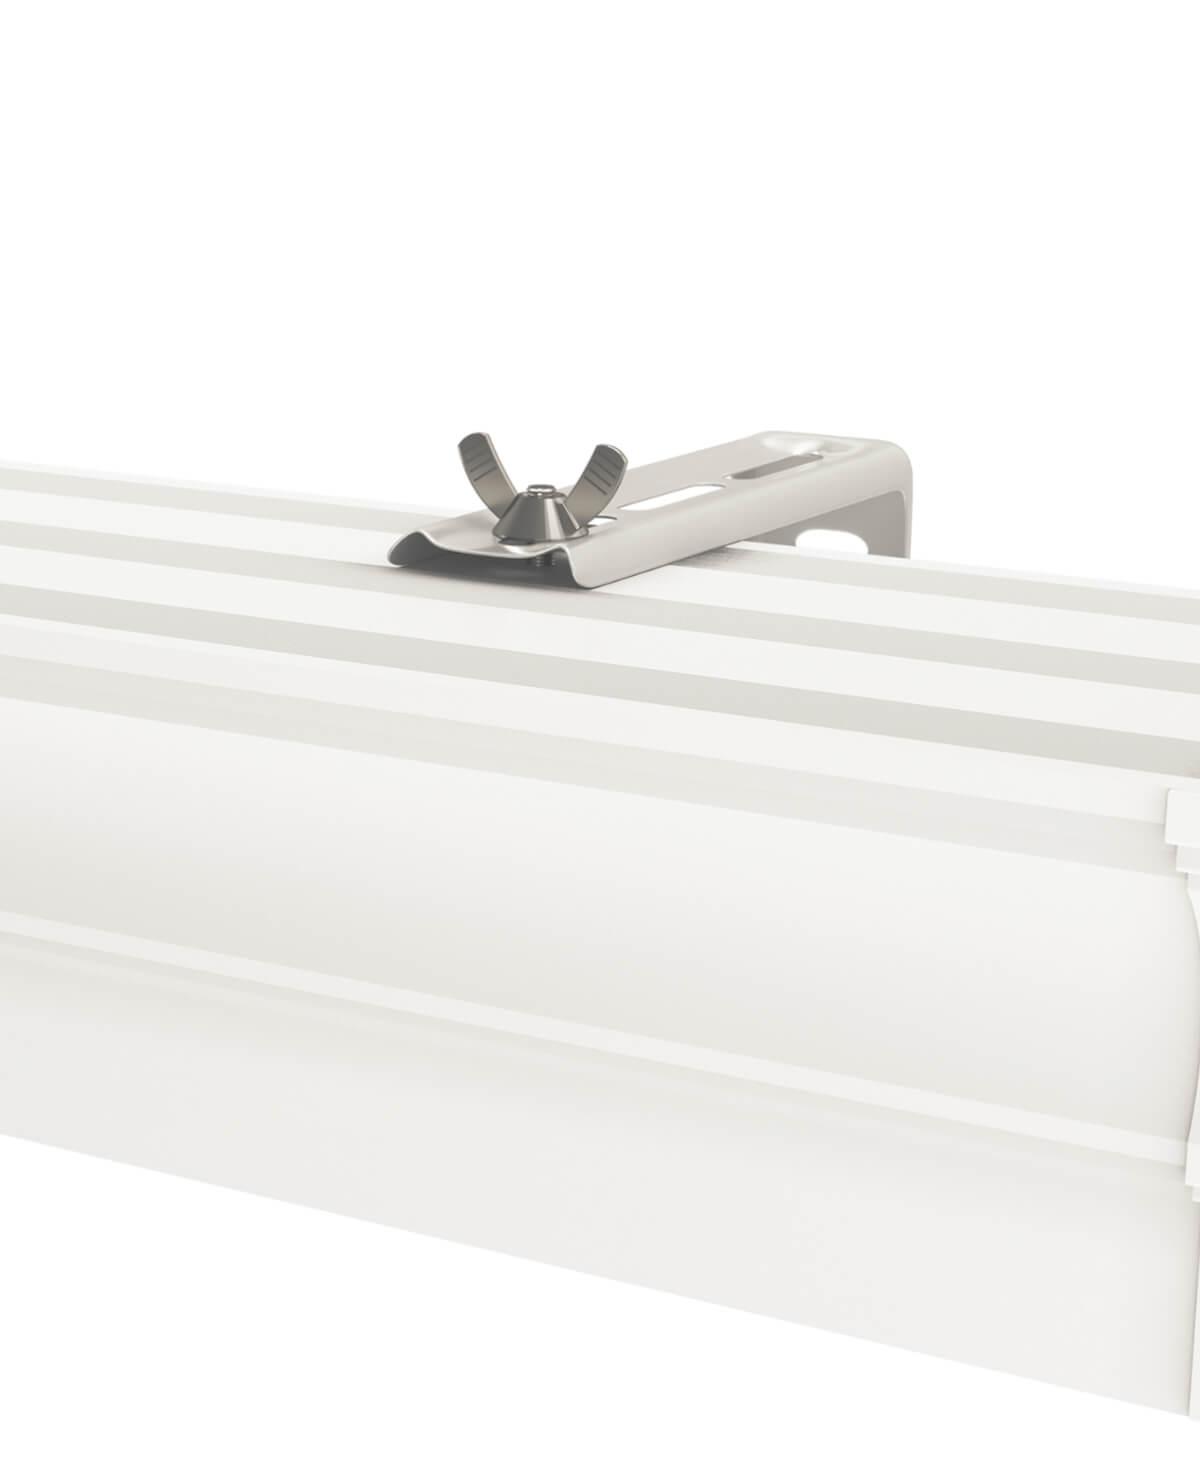 Slimflex duvar bağlantı L ayak 3